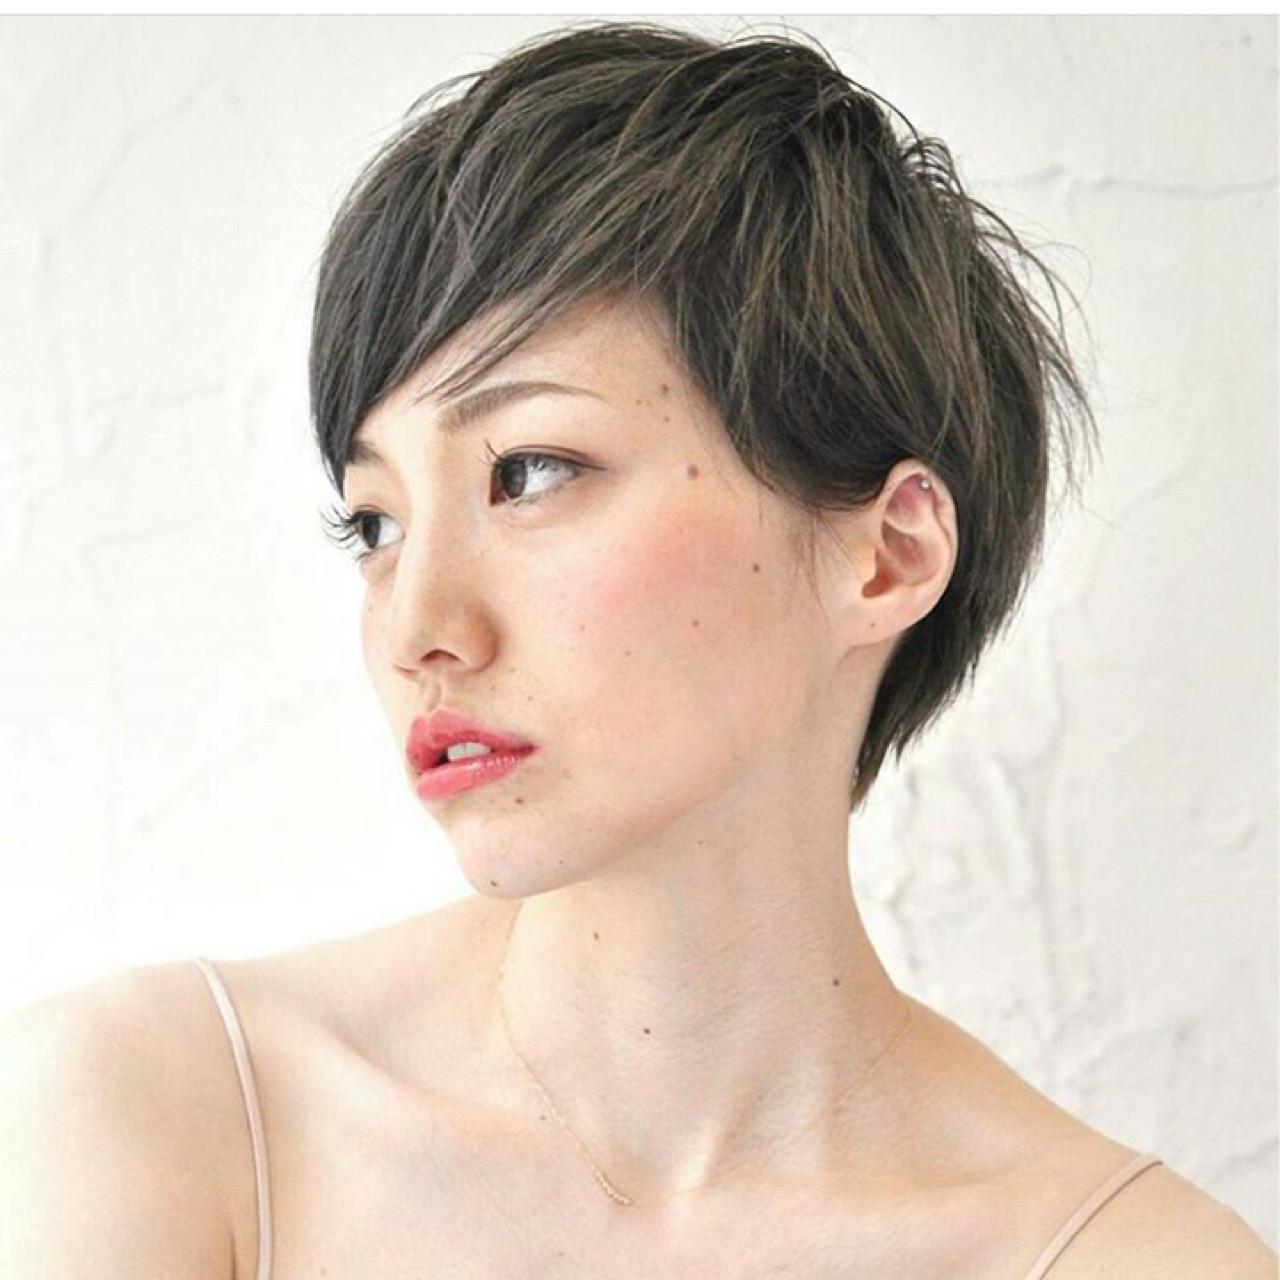 おしゃれヘアスタイル2017!編集部オススメ髪型を長さ別ヘアカタログでお届け! KAHO YANAGIHARA